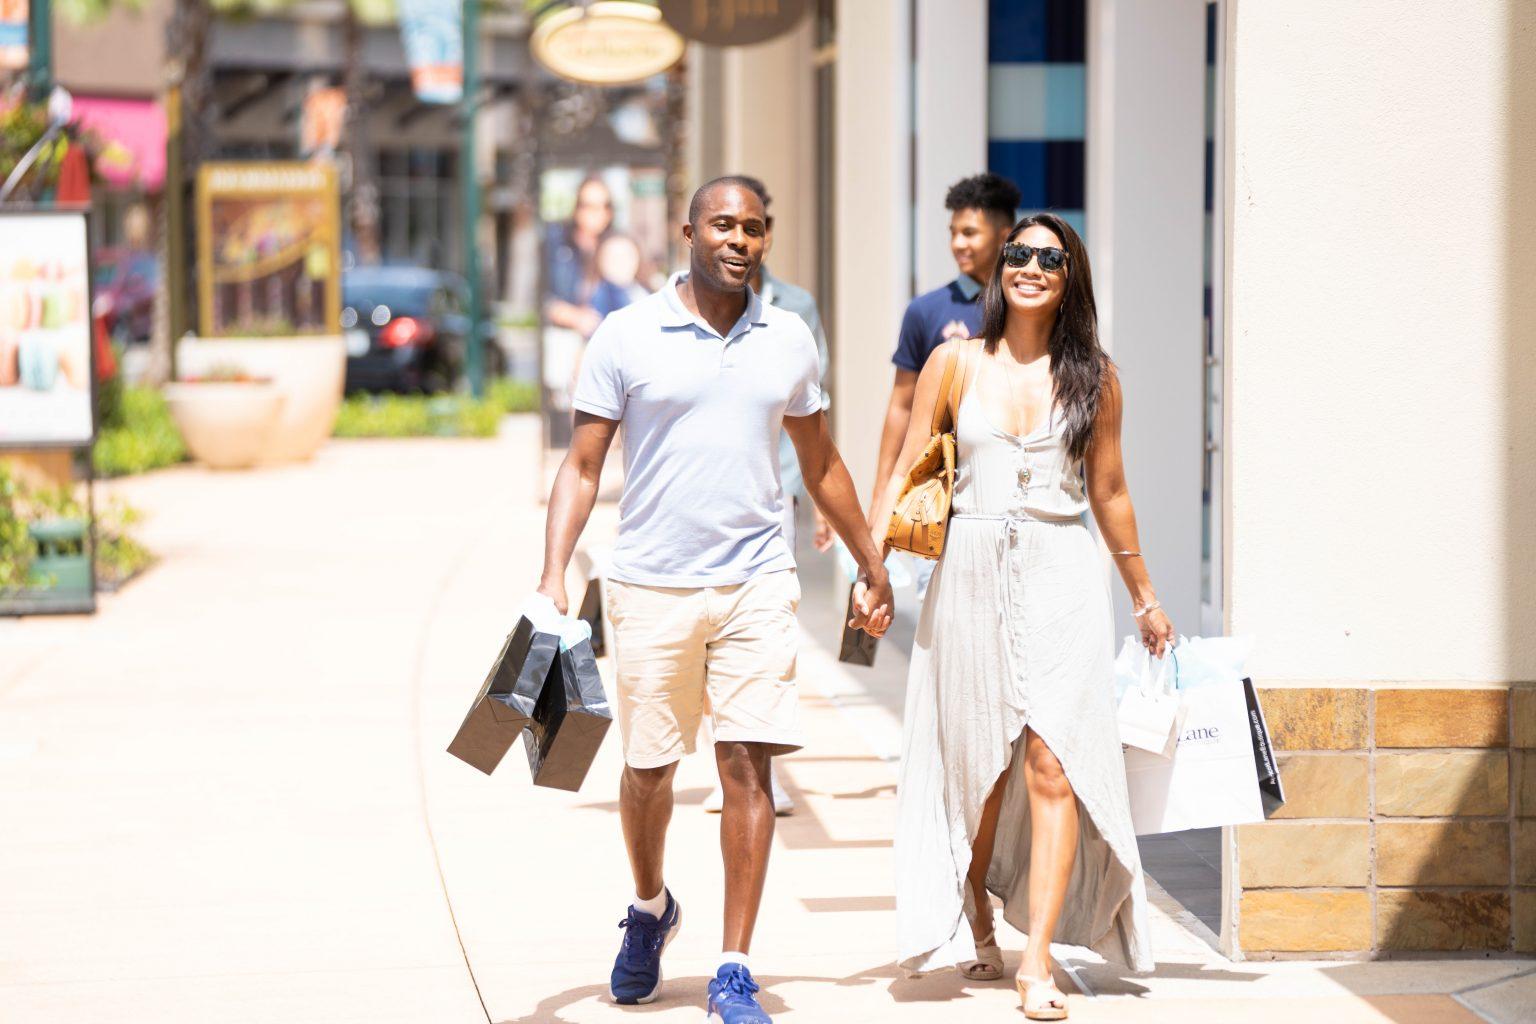 Outdoor Shopping